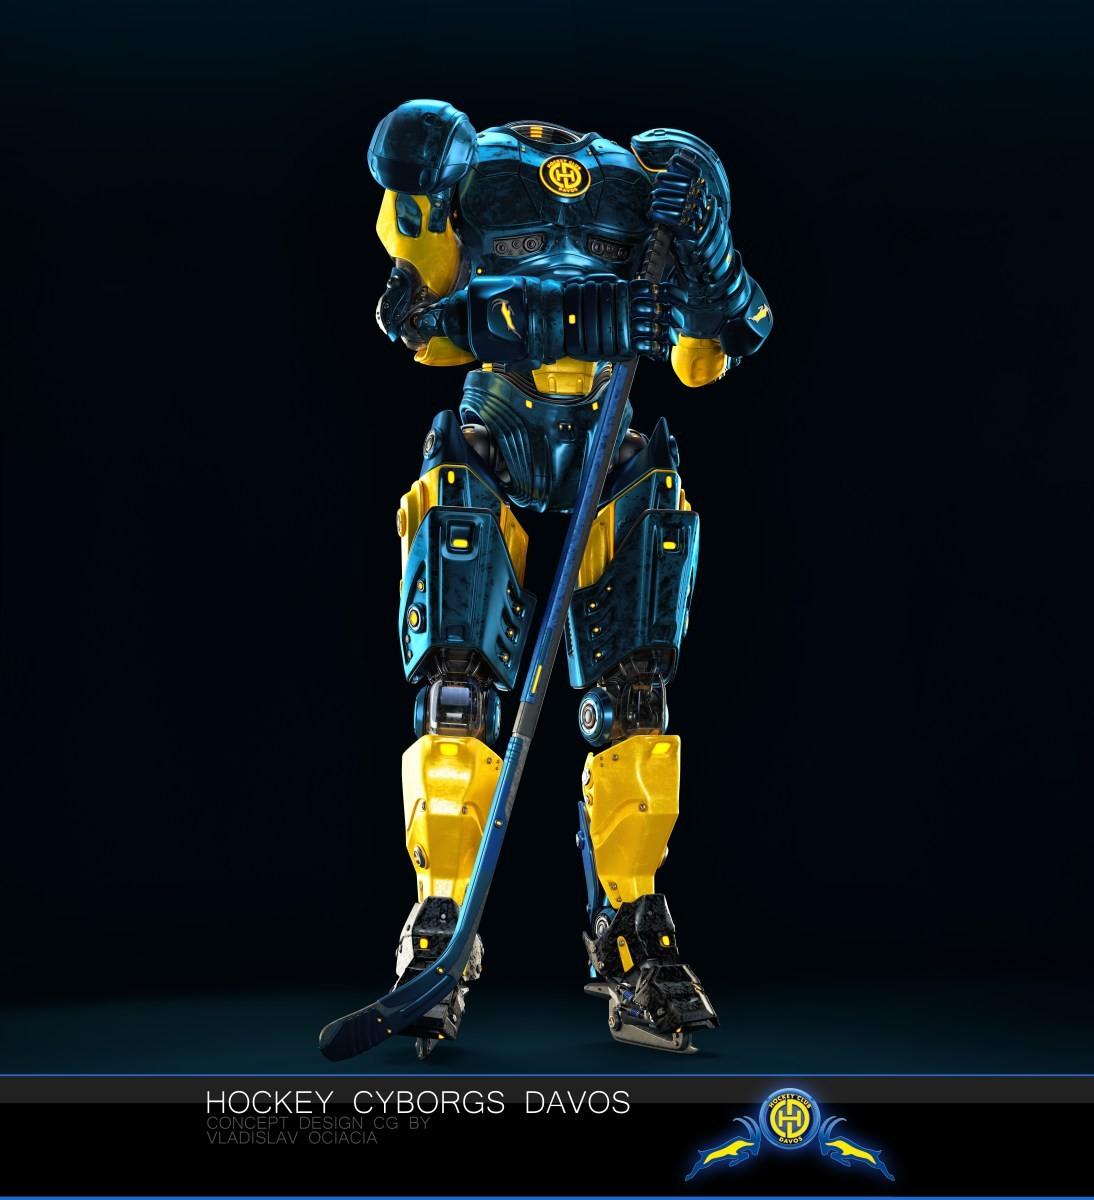 Vladislav ociacia hockey player robots 7